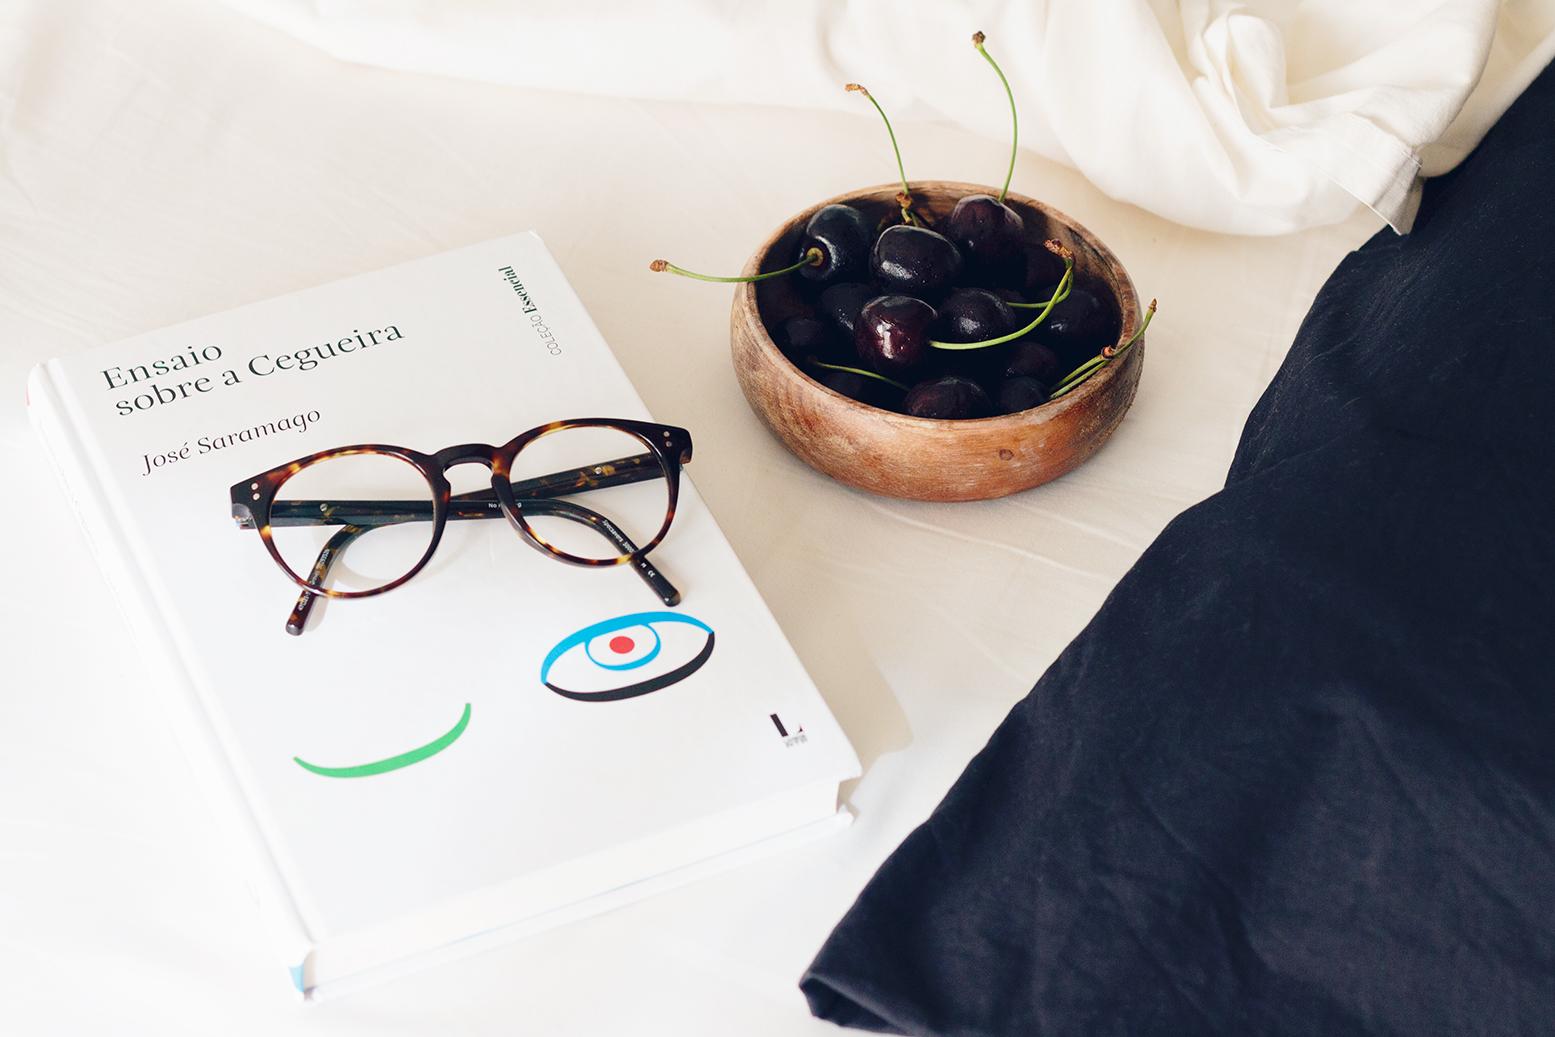 Ensaio sobre a cegueira de José Saramago